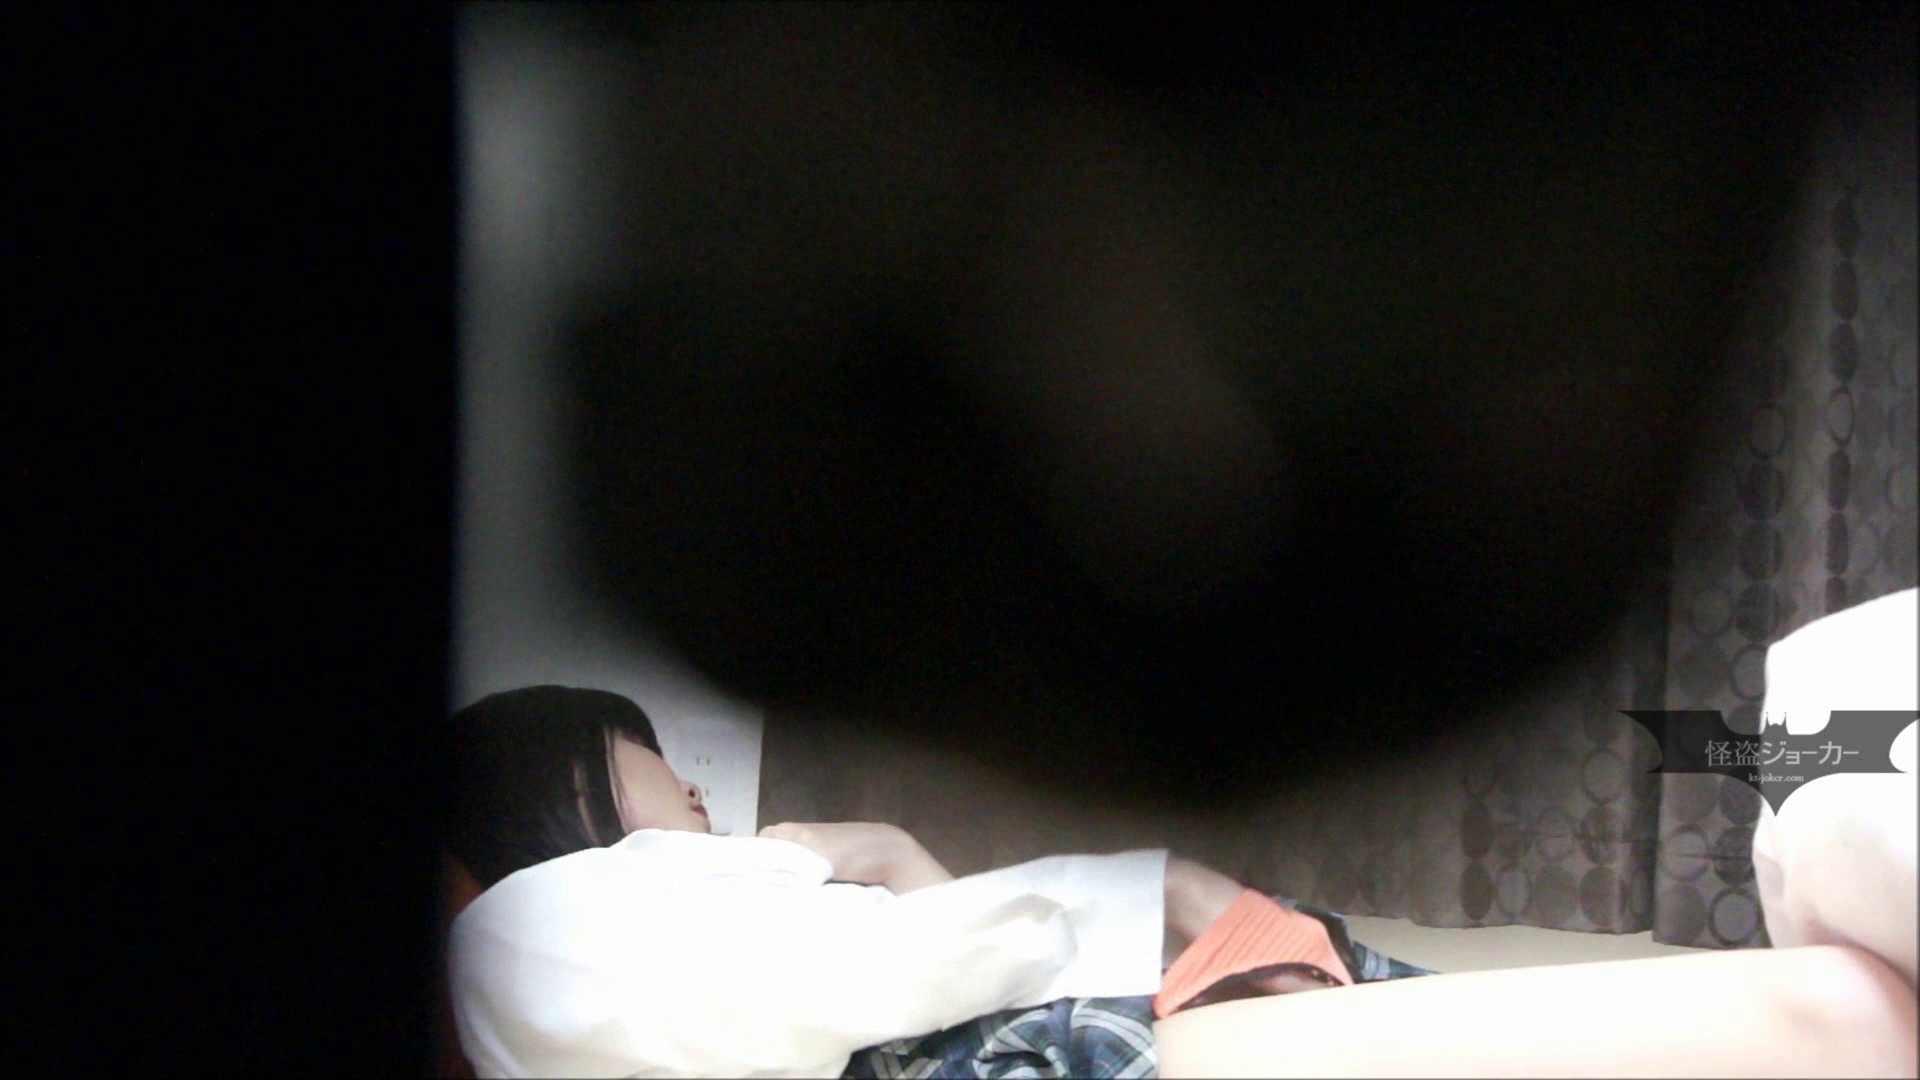 【未公開】vol.54【小春】脱衣所とオナニー隠し撮り 脱衣所   高画質  81画像 36